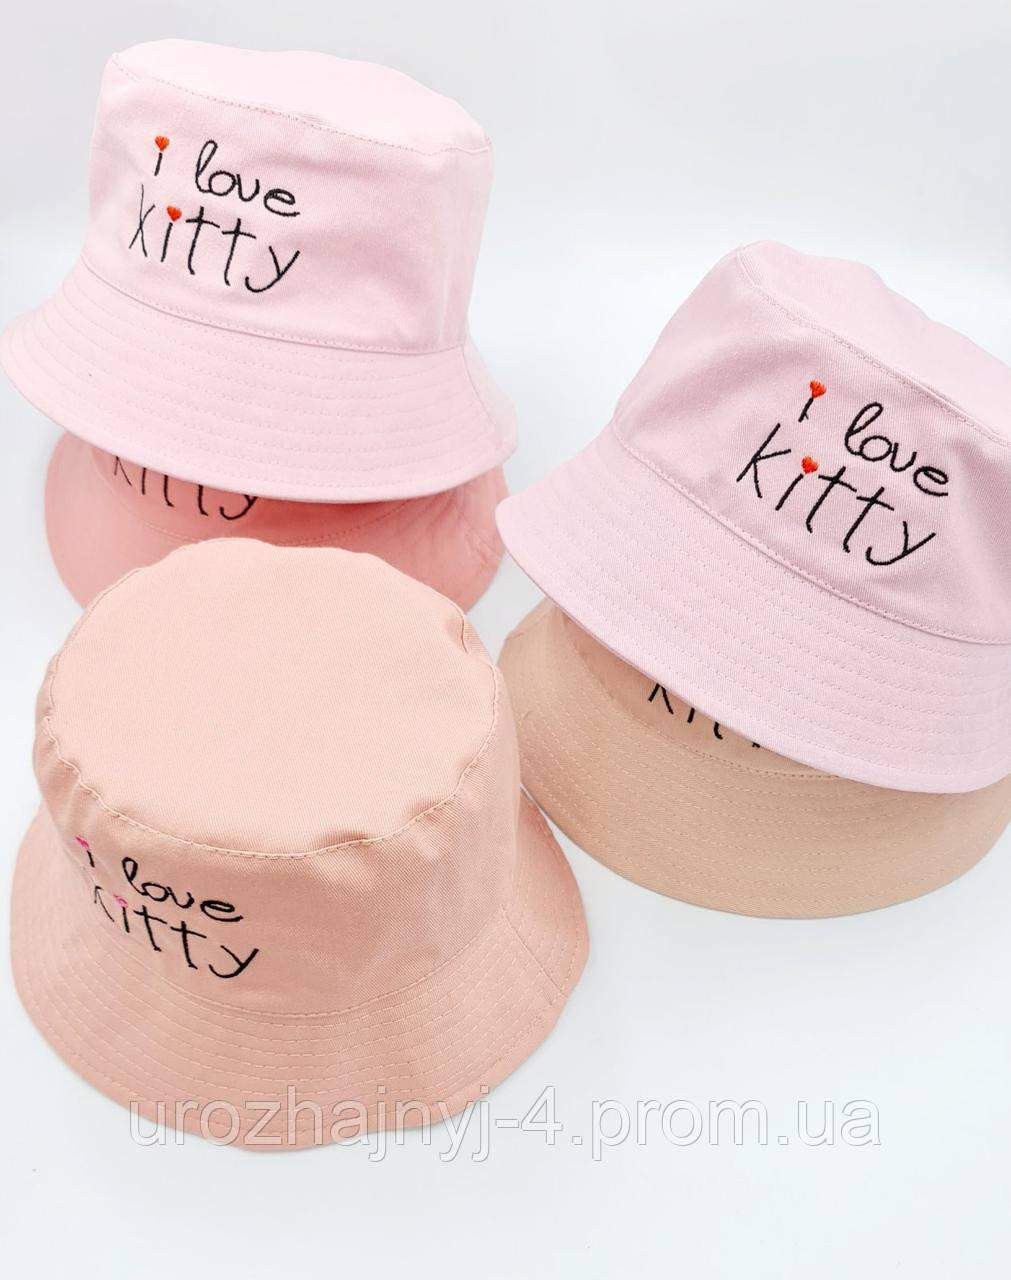 """Панама дитяча, котонова з вишивкою """"I love kitty"""" р54 вік (від 8 років) код 7084 Glory-kids"""